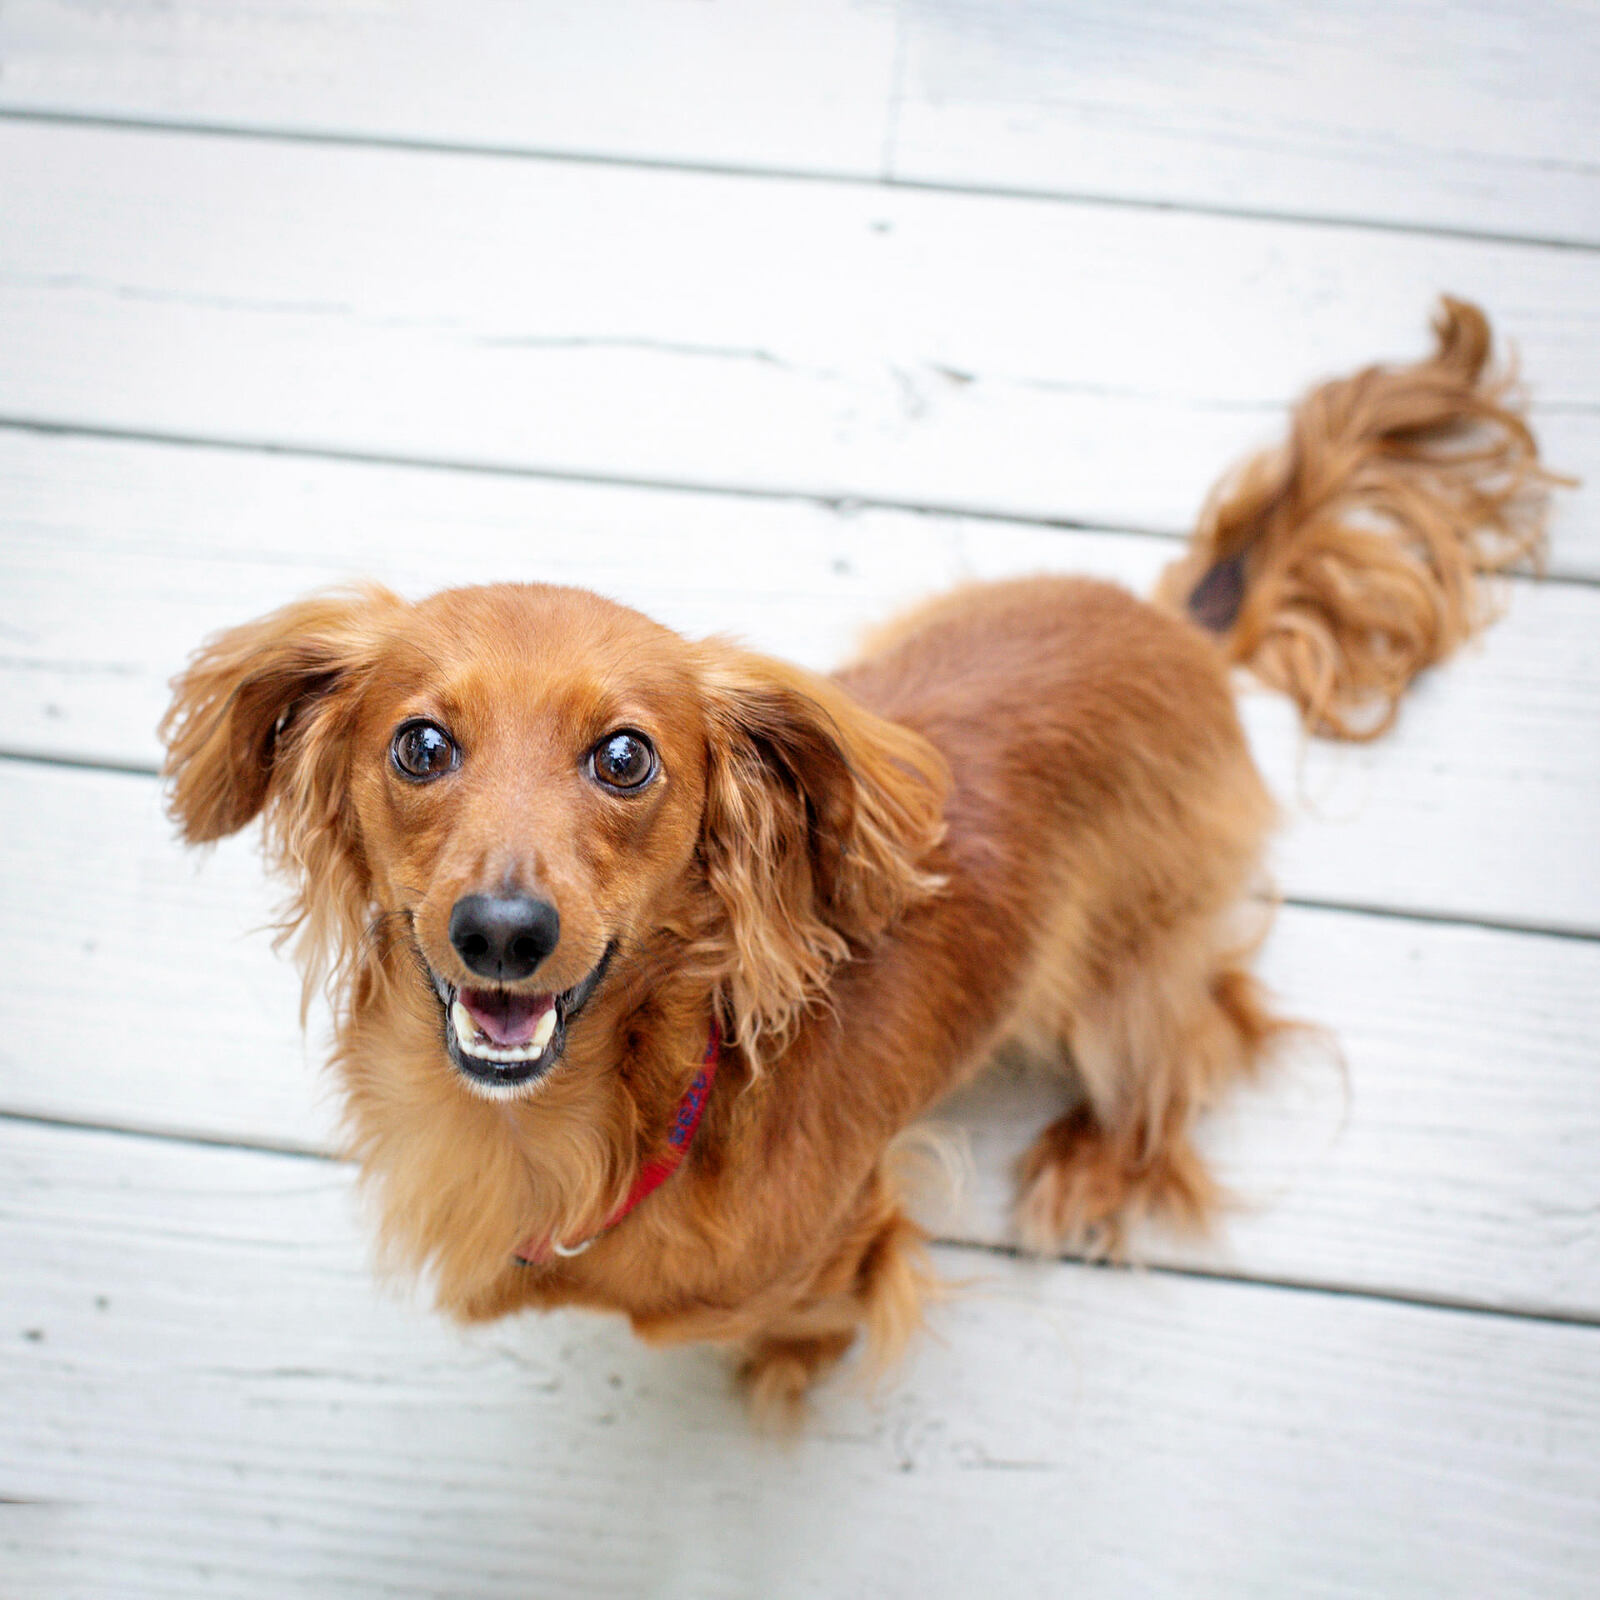 Dachsund pet photography portrait by Irene Gardner in Birmingham, Alabama